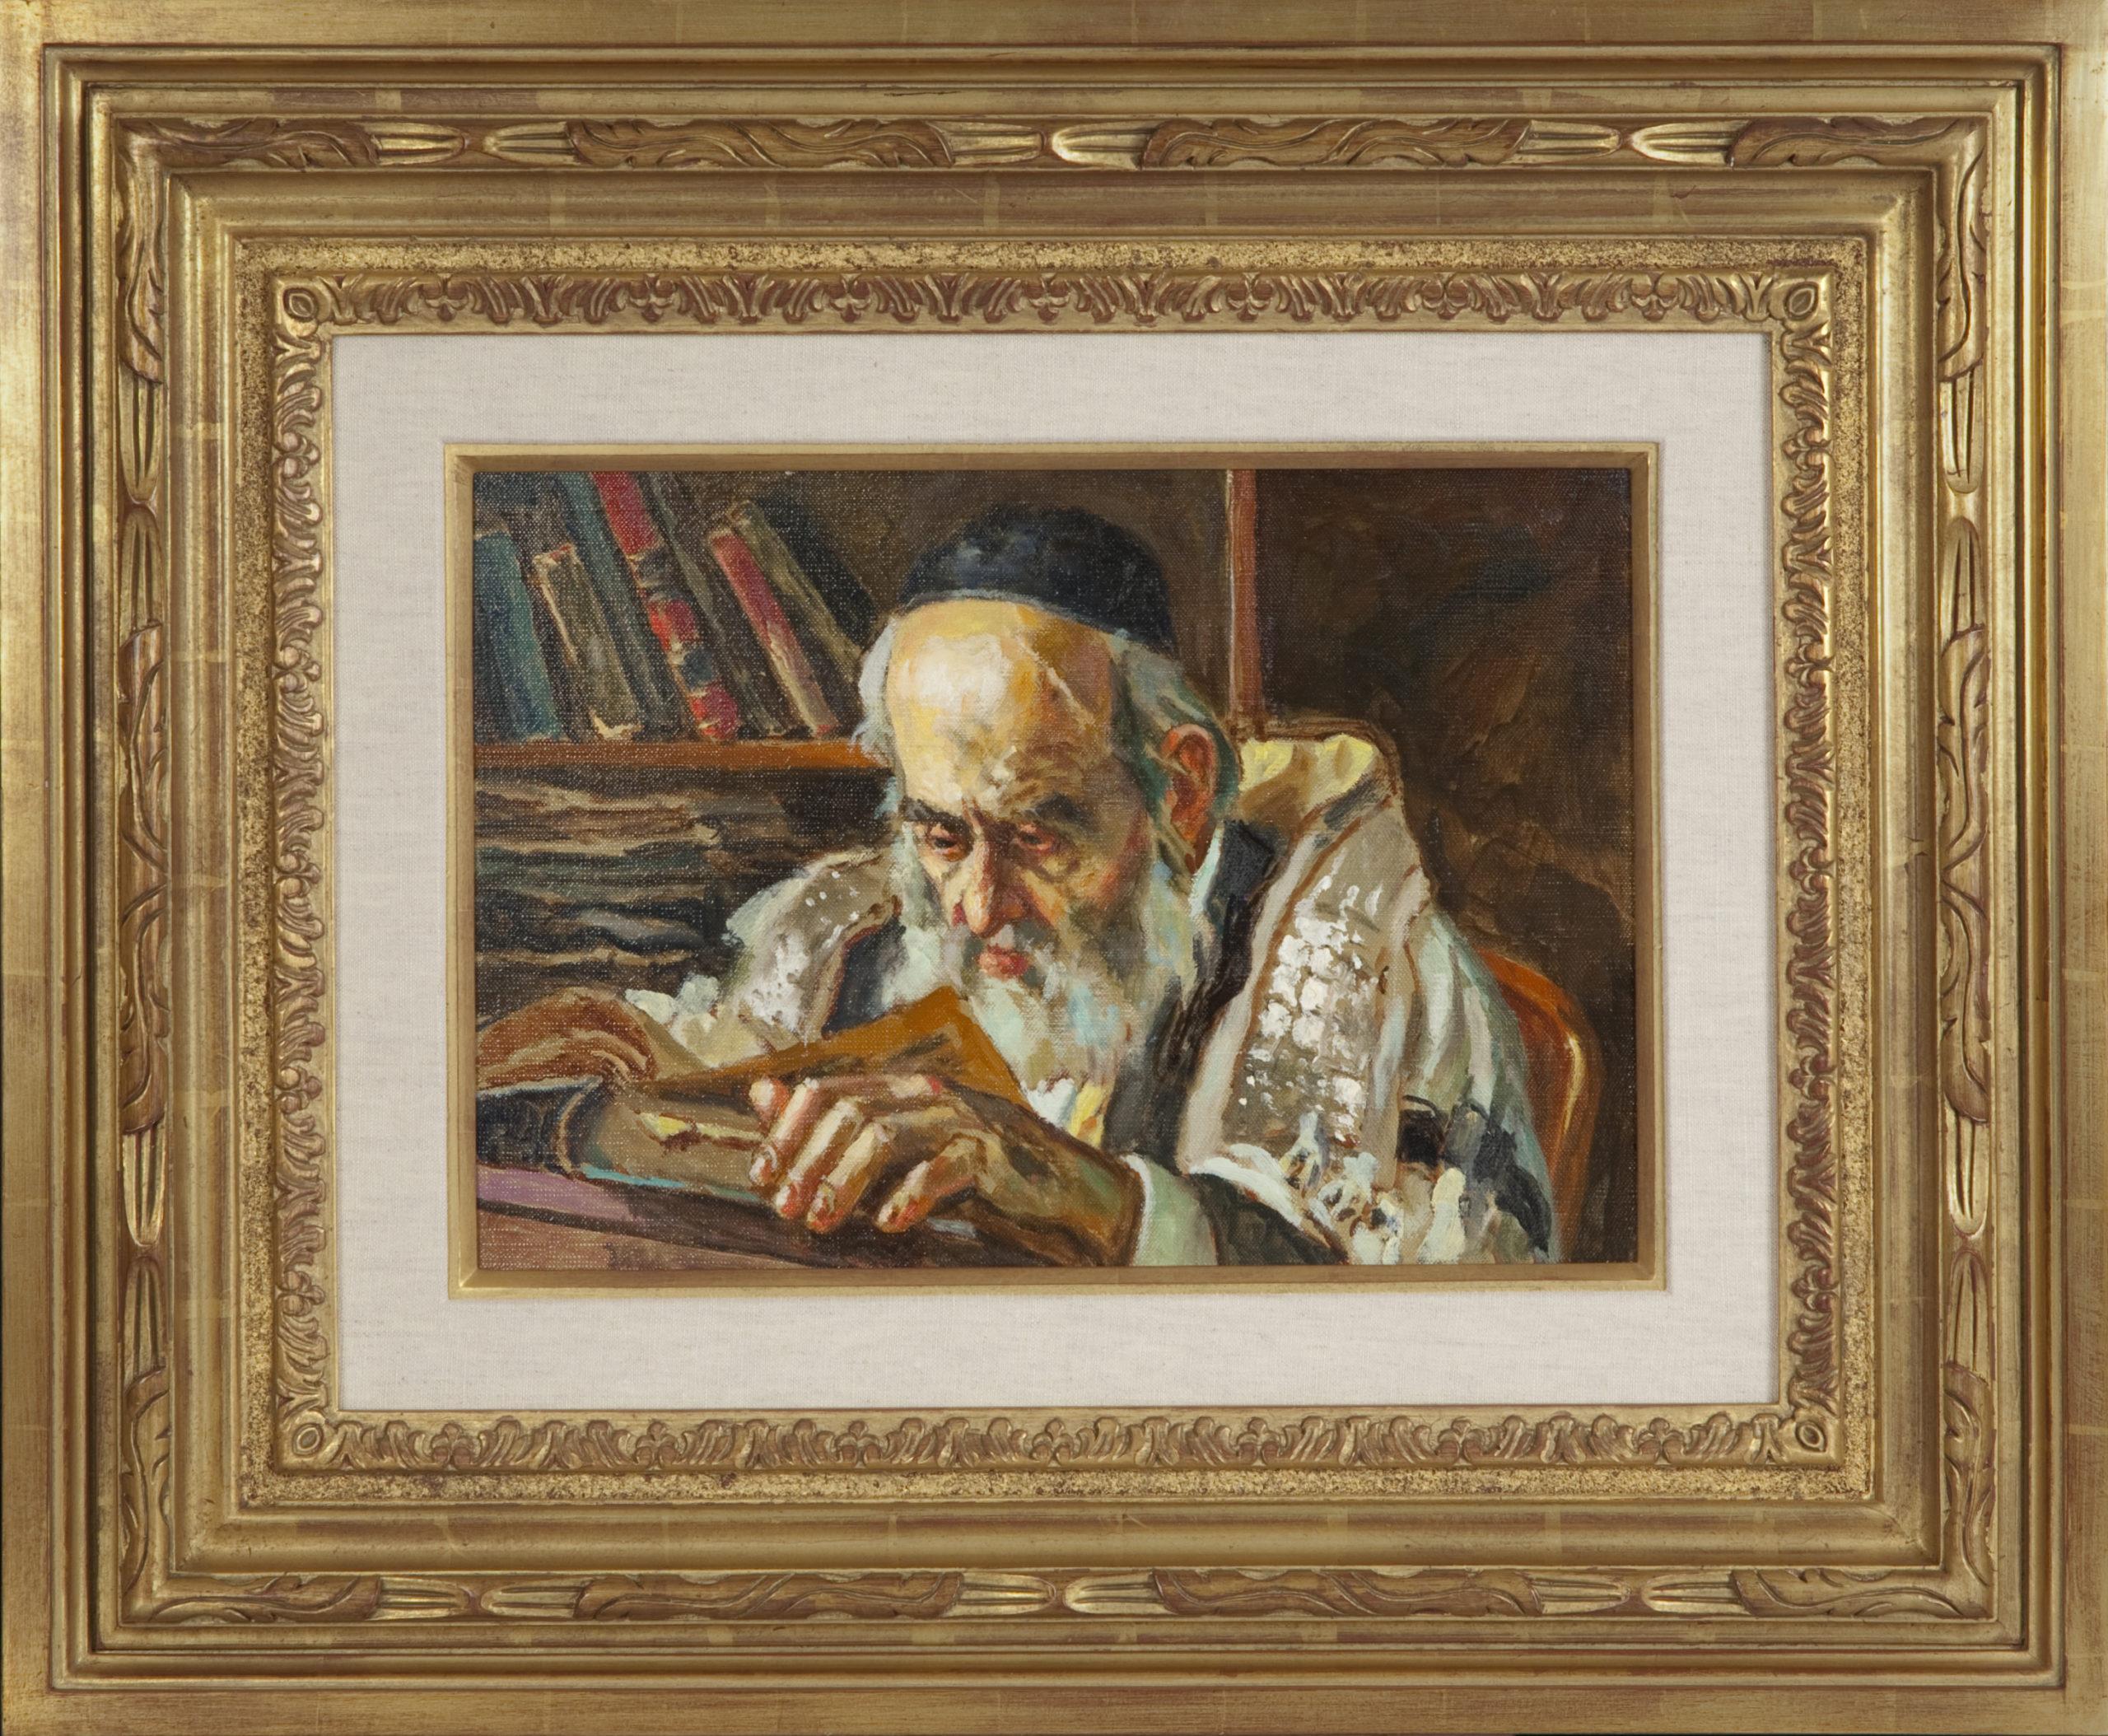 051 Rabbi 2010 - Oil on Canvas - 16 x 11 - Frame: 27.5 x 23 x 2